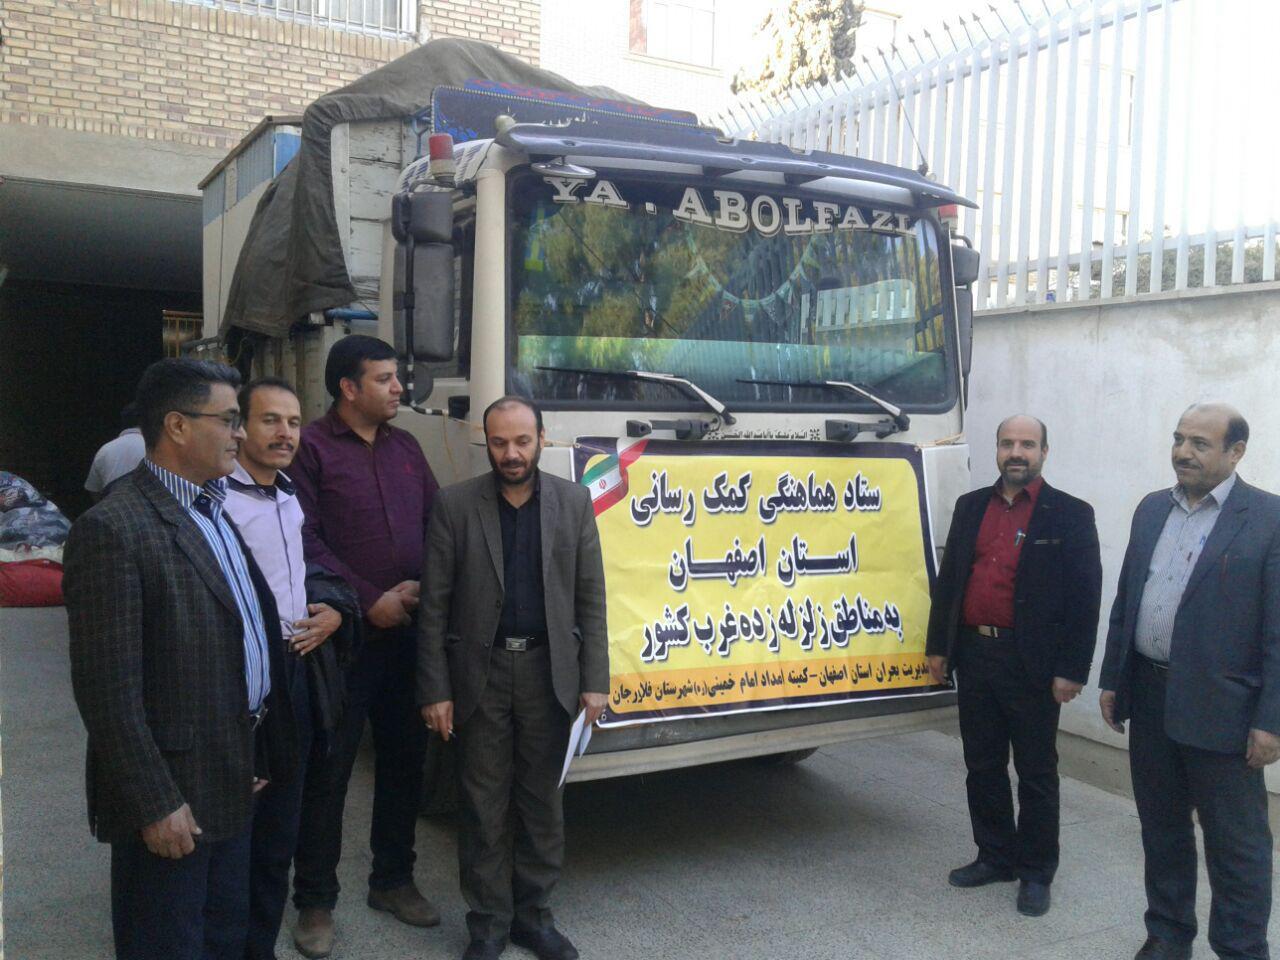 ارسال چهارمین محموله کمک های کمیته امداد فلاورجان  به زلزله  زدگان کرمانشاه